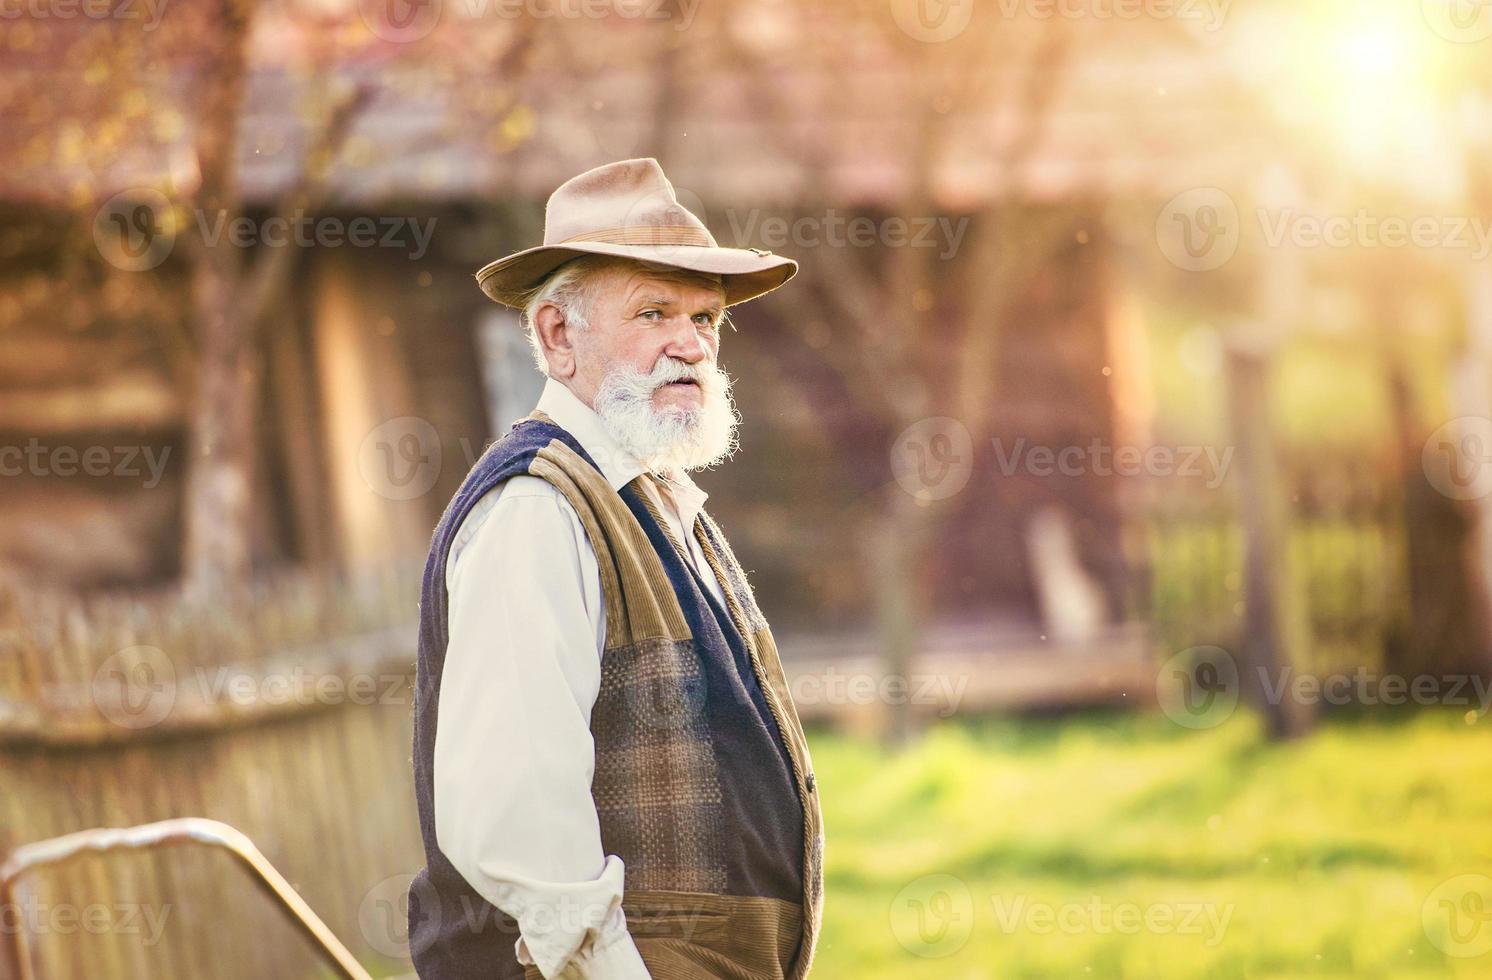 agriculteur à l'extérieur dans la nature photo